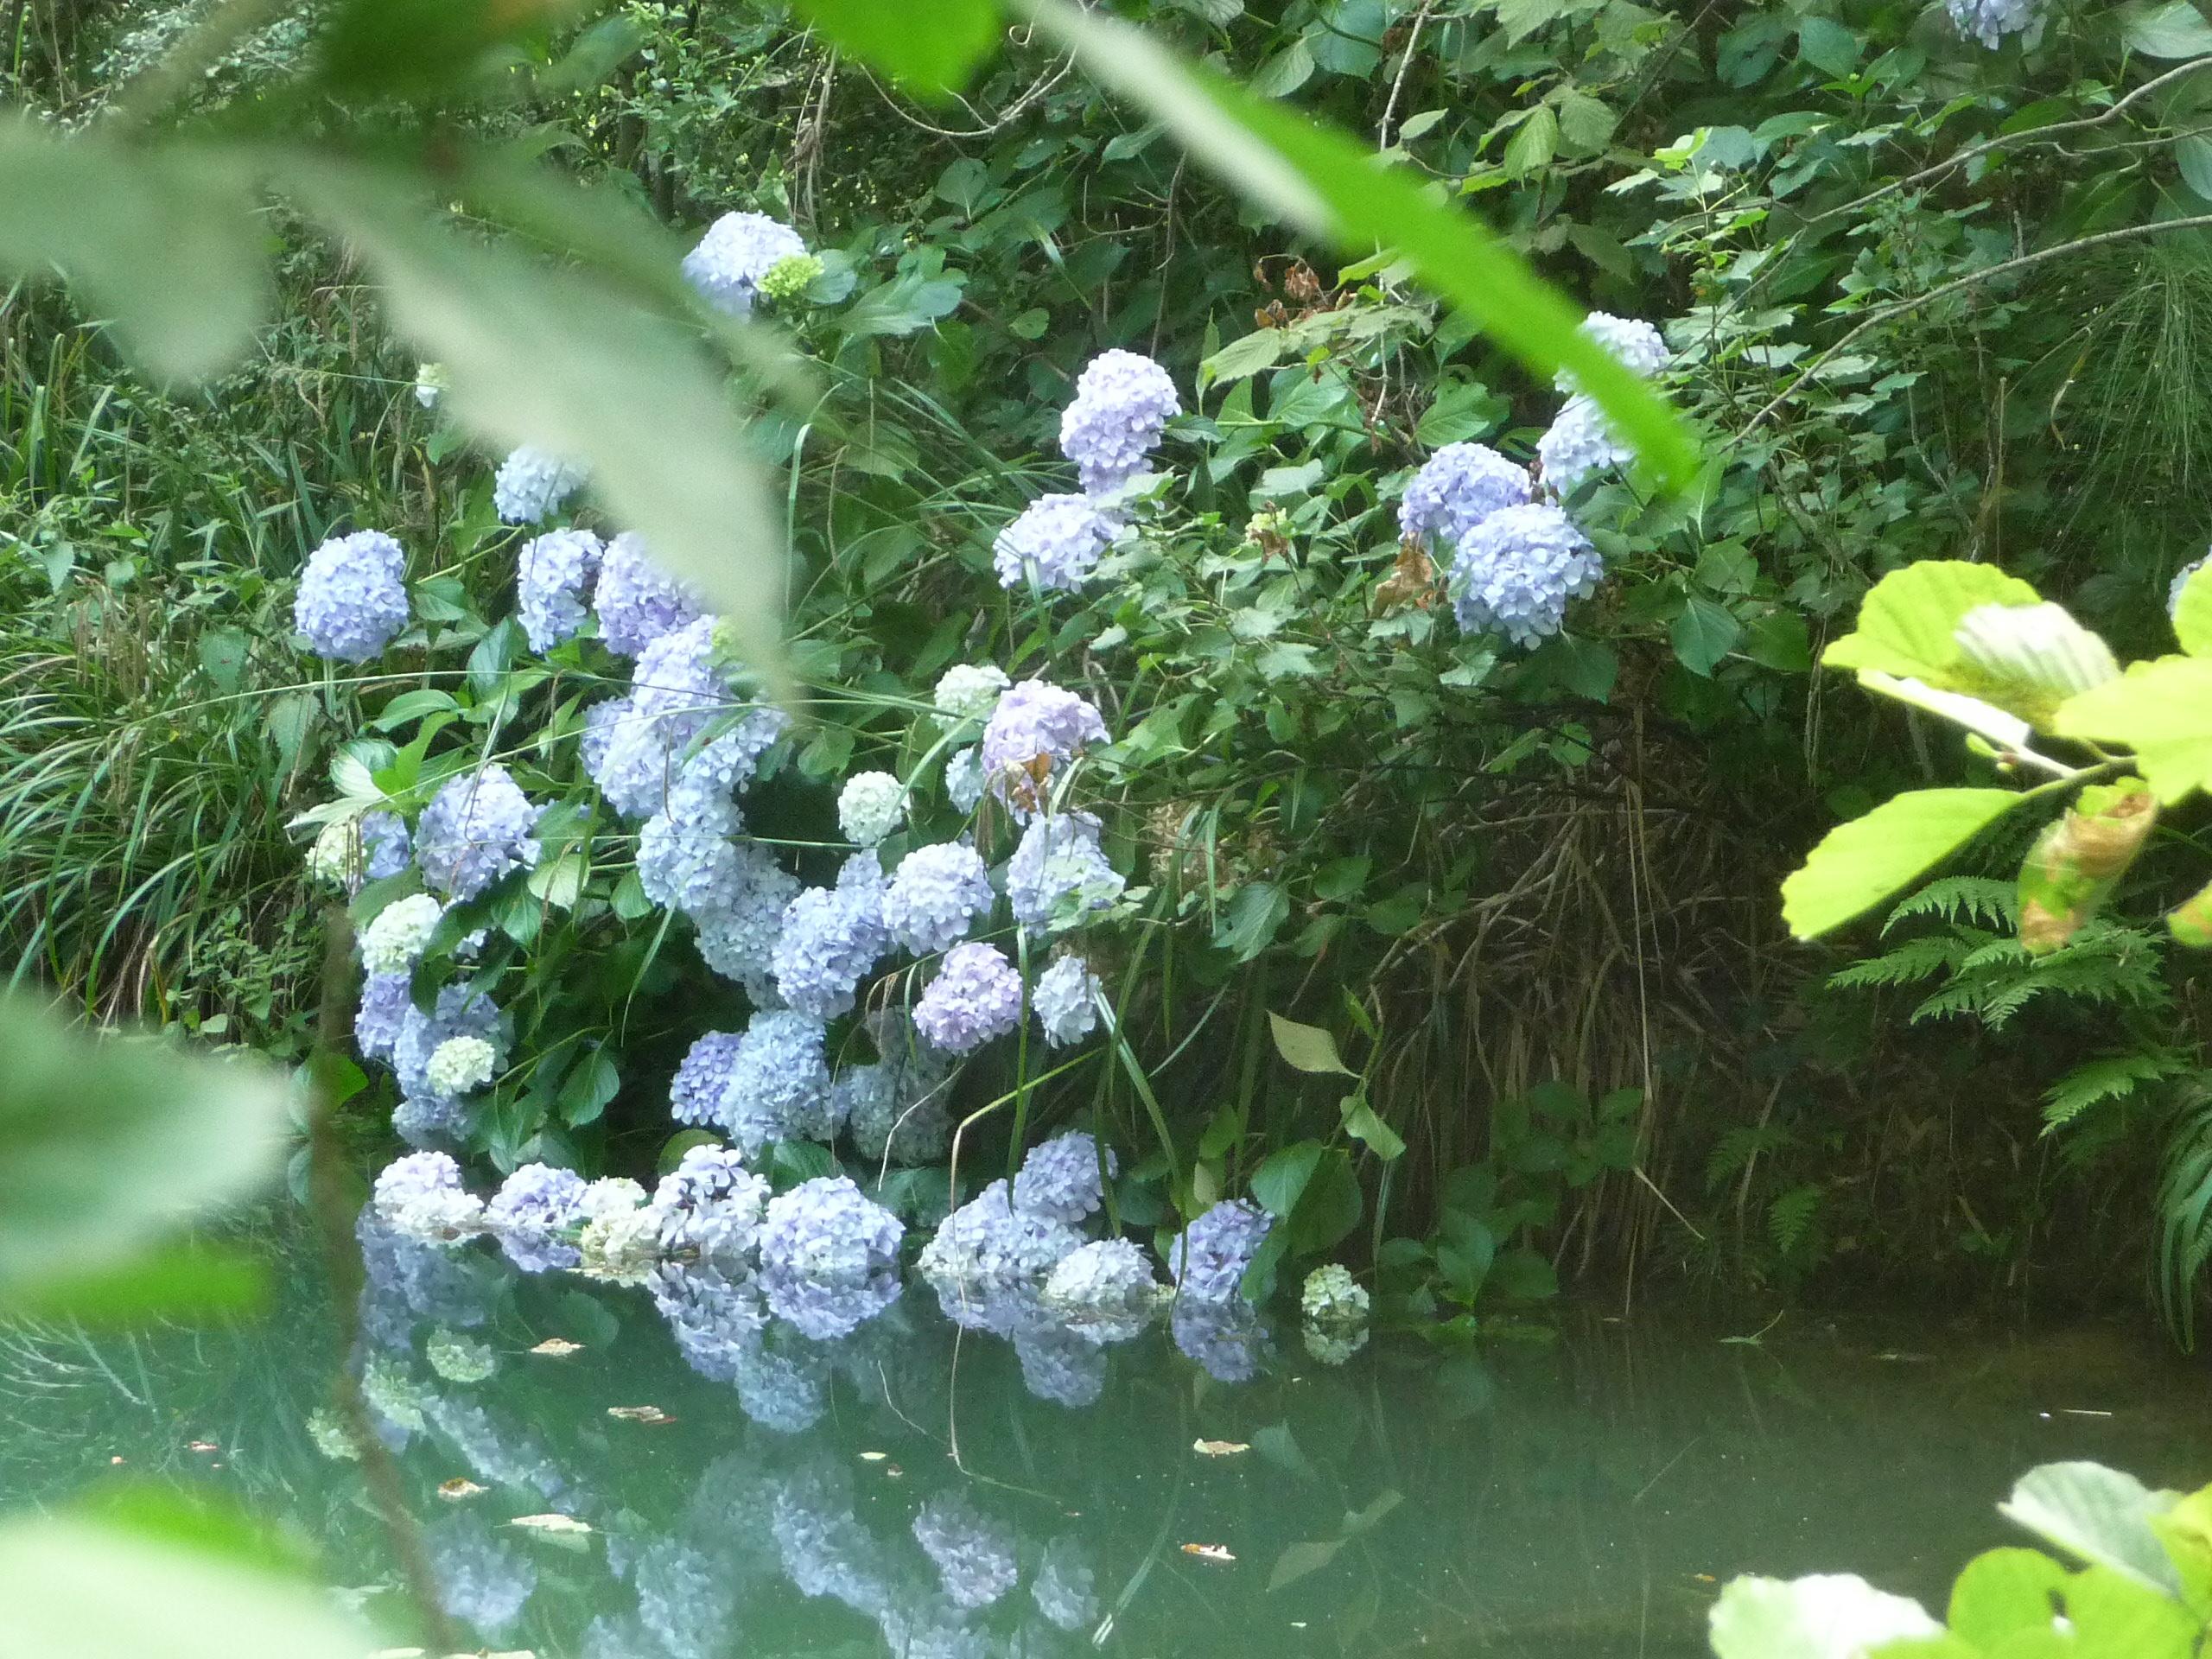 hortensias et rivière